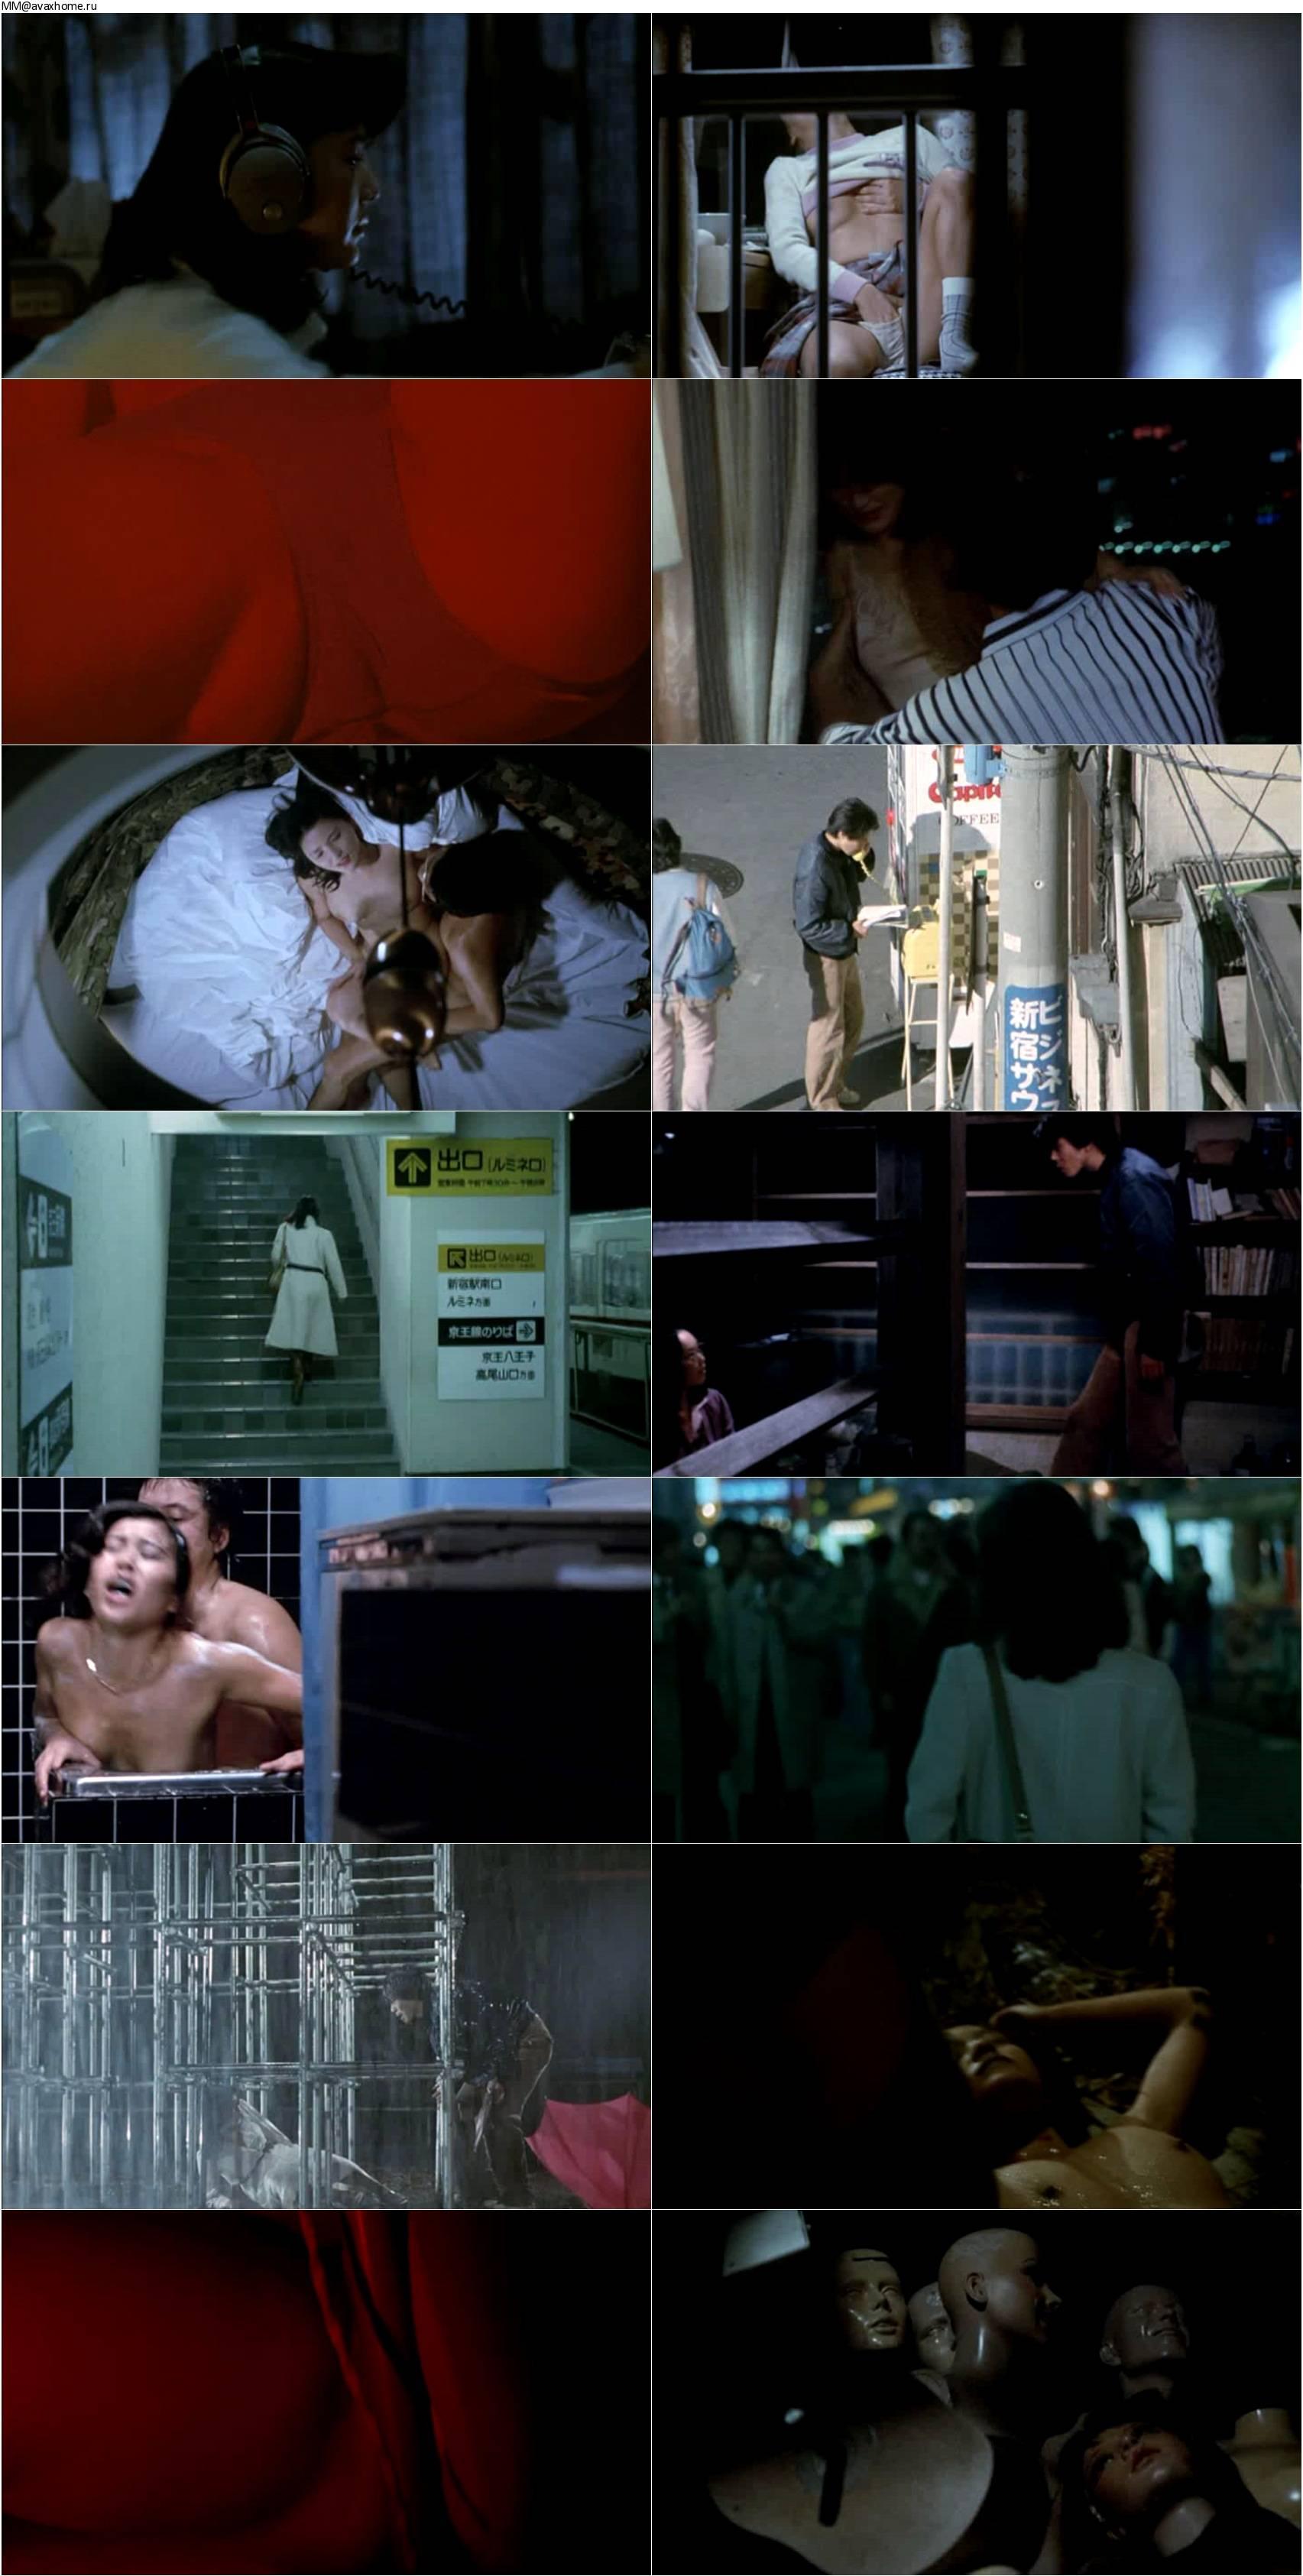 Angel Guts Nami 1979 angel guts: red porno (1981) tenshi no harawata: akai inga